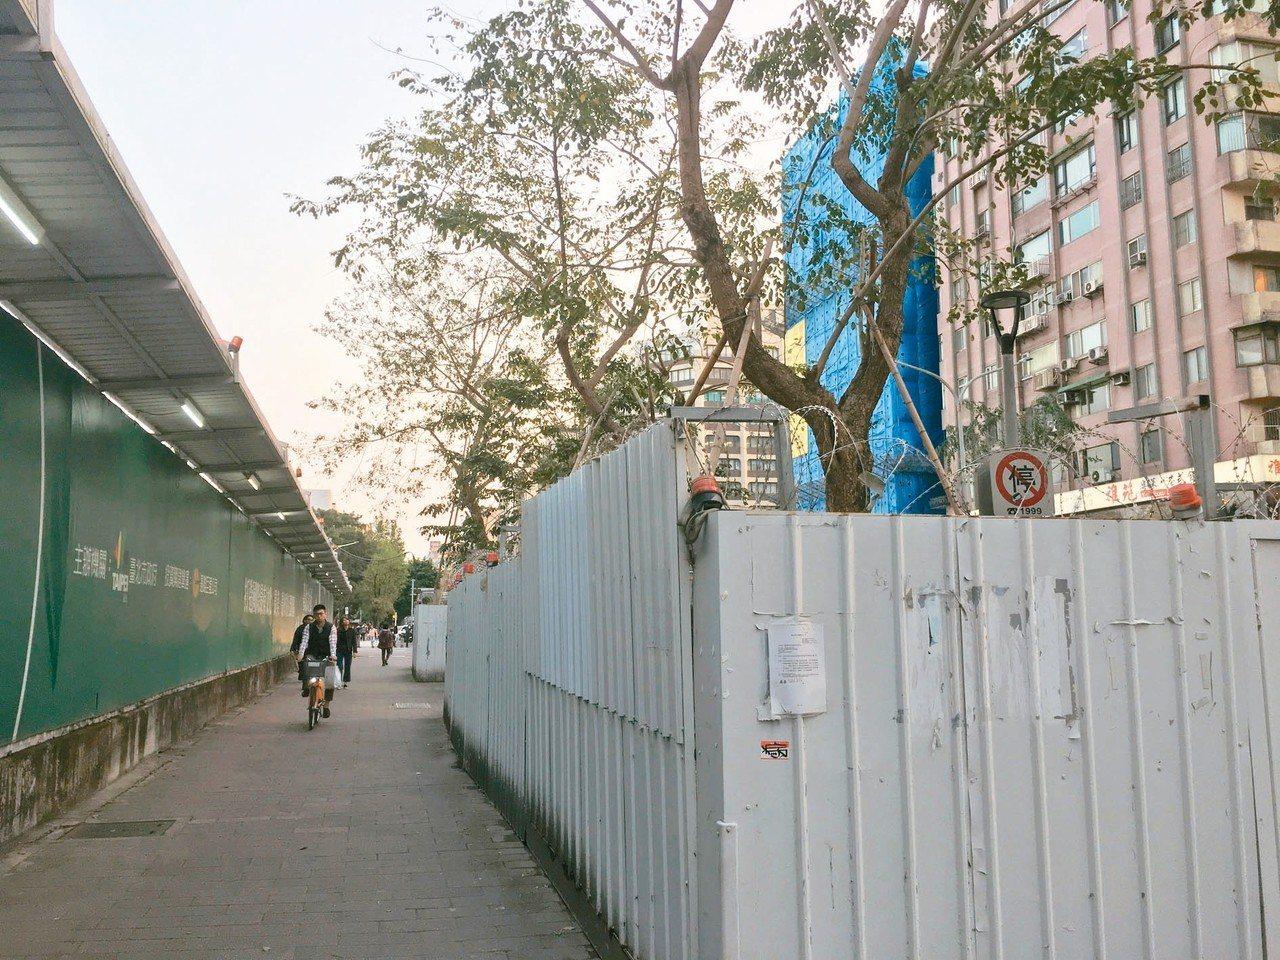 大巨蛋光復南路、忠孝東路側的33棵樹,已圍上鐵皮,為防抗議人士,上方還有刀片刺網...